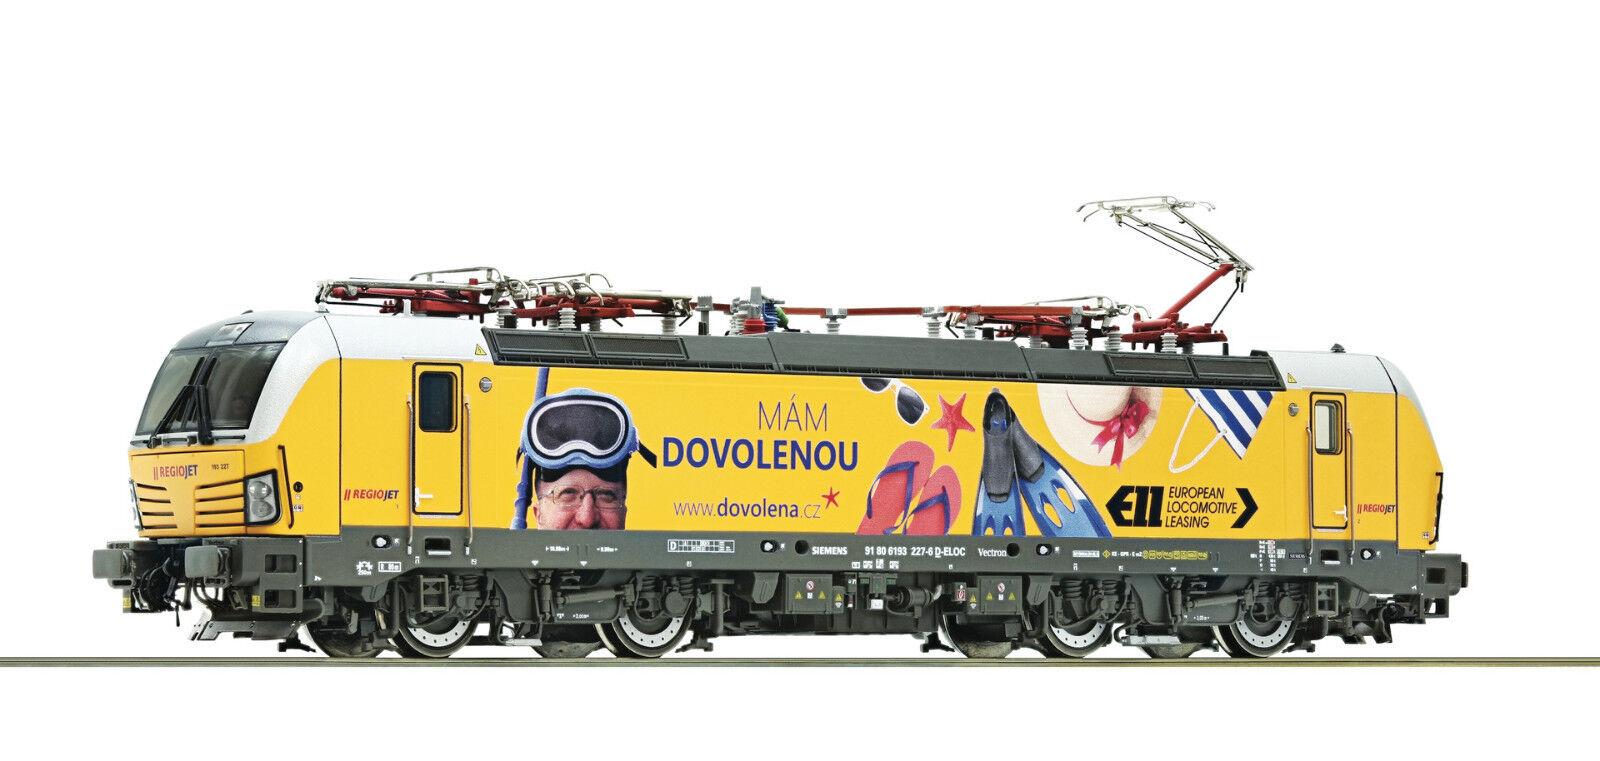 Roco H0 73940 Eléctrica Br 193 el Regiojet  DCC Digital + Sonido  -Nuevo + Ovp